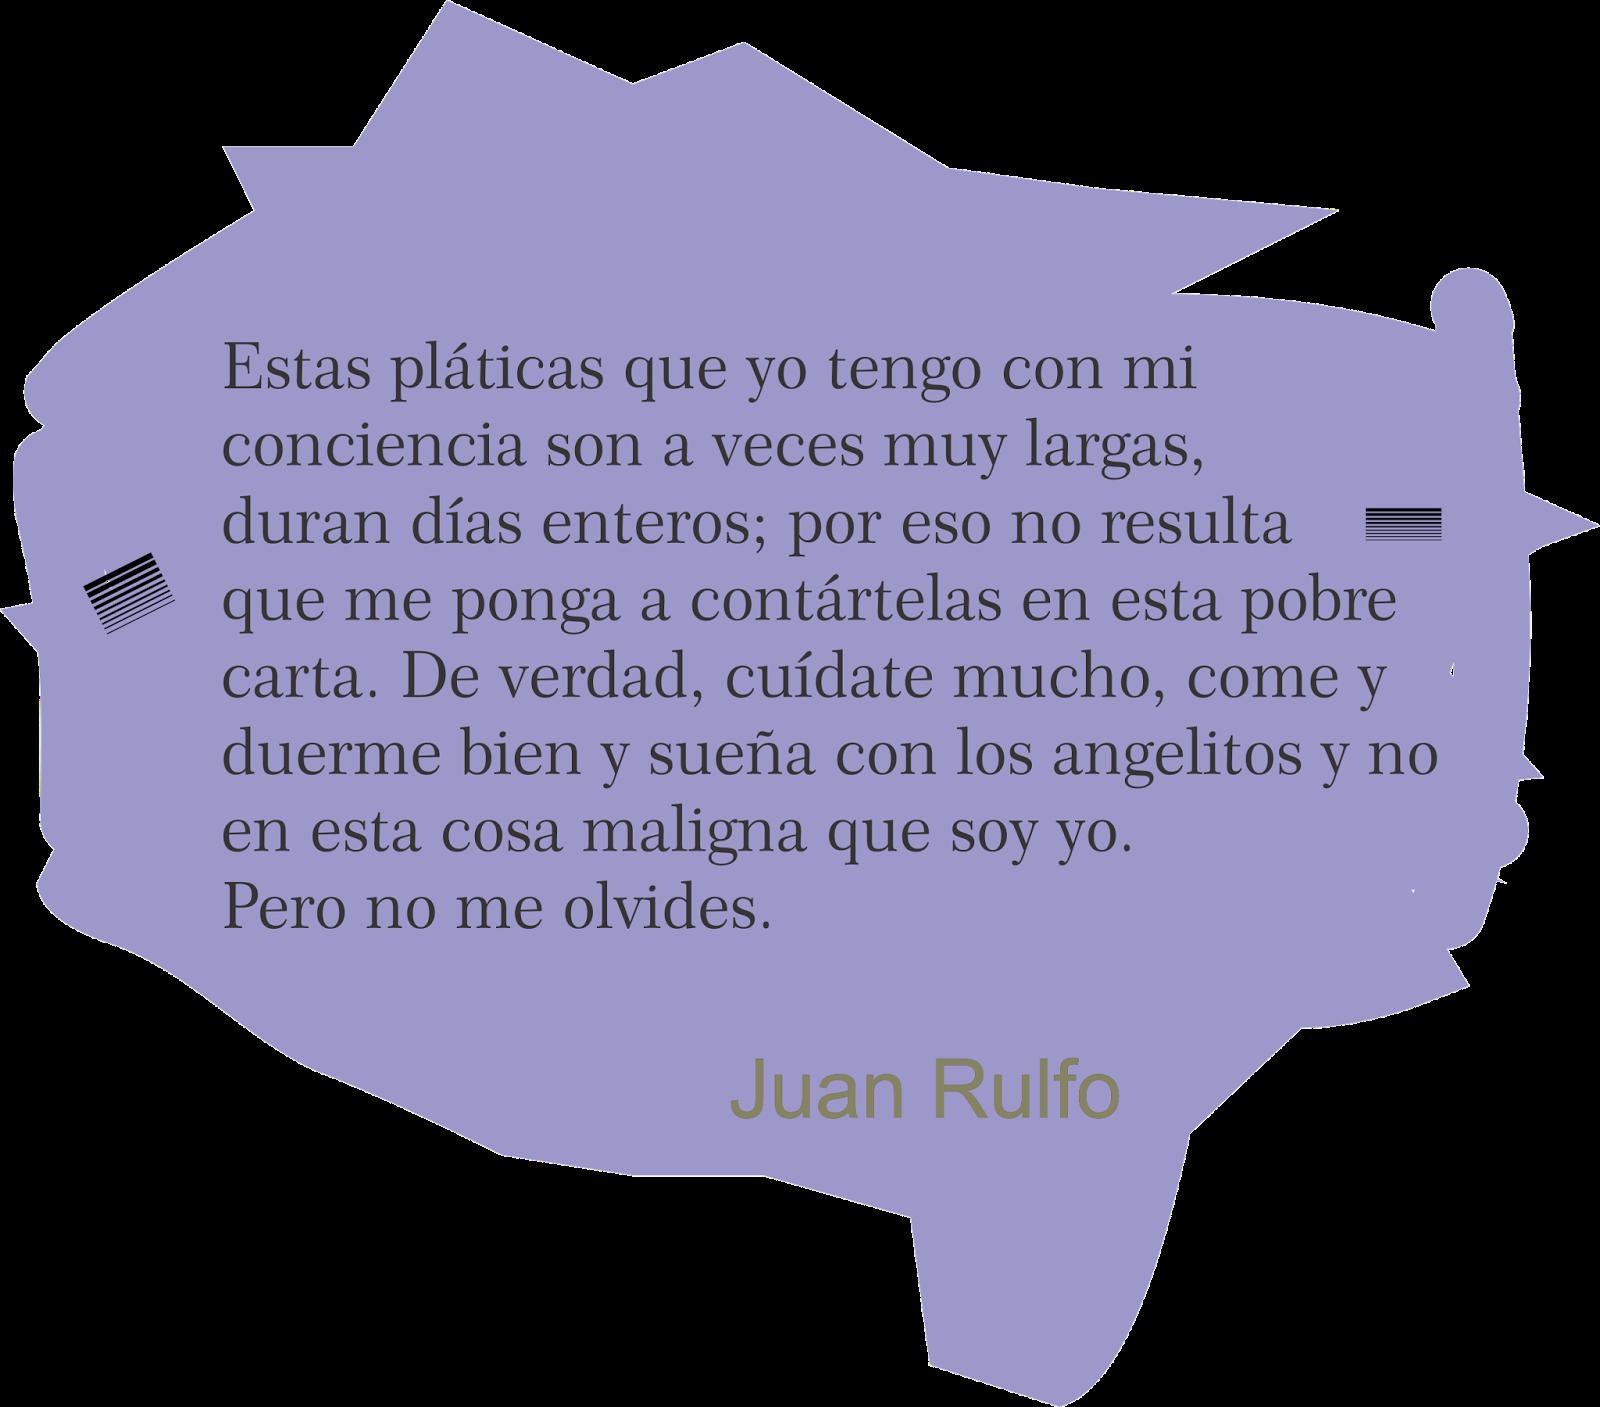 Frases bonitas y versos de amor RULFO CARTA CARTAS A CLARA